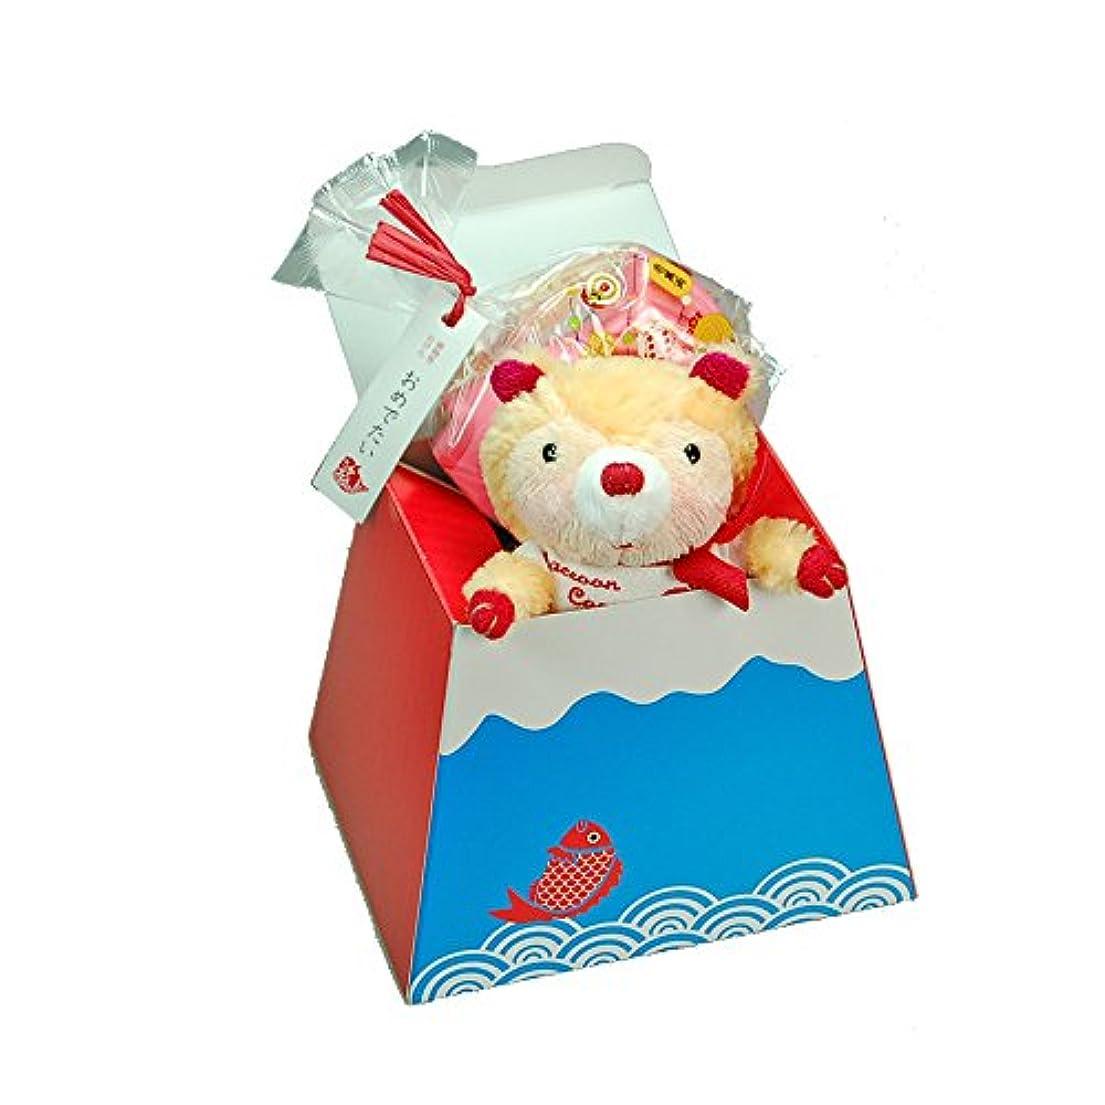 ペック刺激する比べるプチギフト リトルマスコット 鯛 石けん 富士山ラッピング付き 誕生日プレゼント お祝い 入学 卒業  (リトルセット)